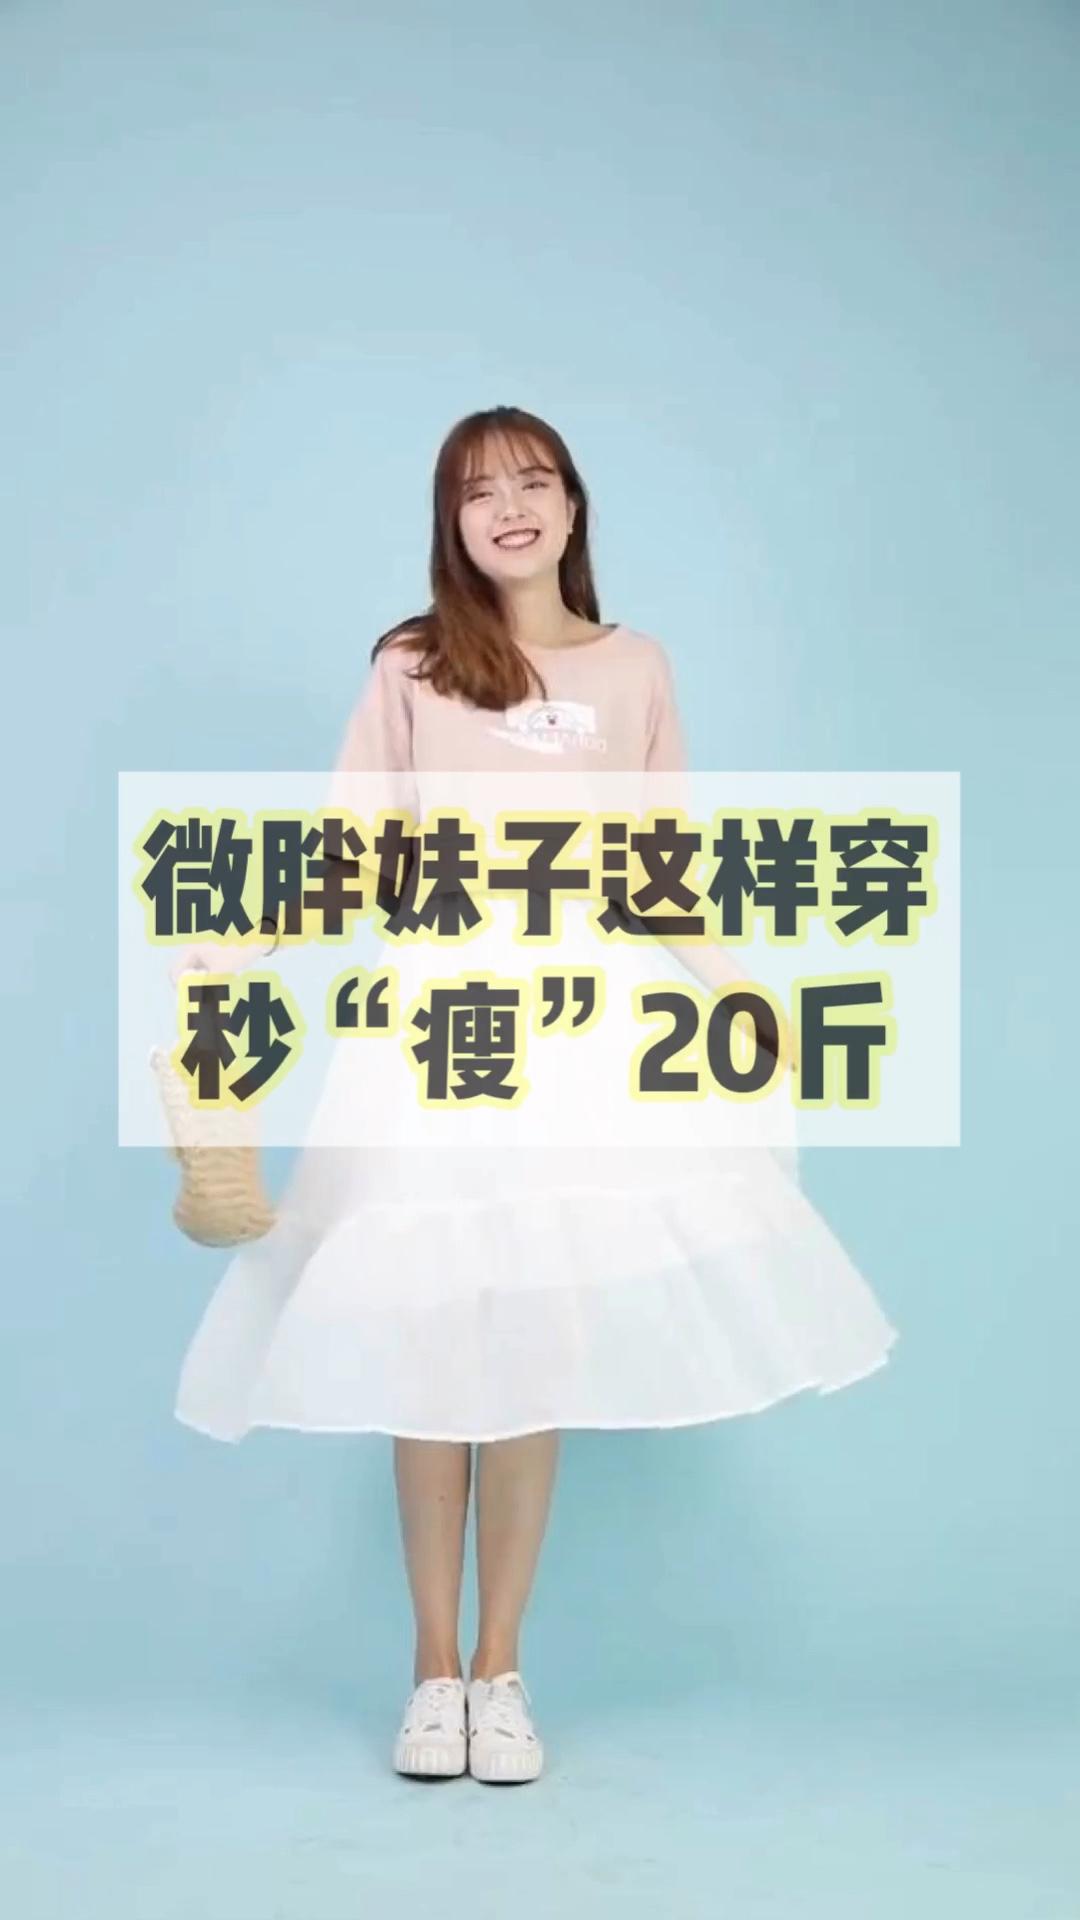 微胖妹子这样穿,秒瘦20斤。白裙配字母T恤,显年轻可爱装😄#暑假出游,骗赞靠它!#